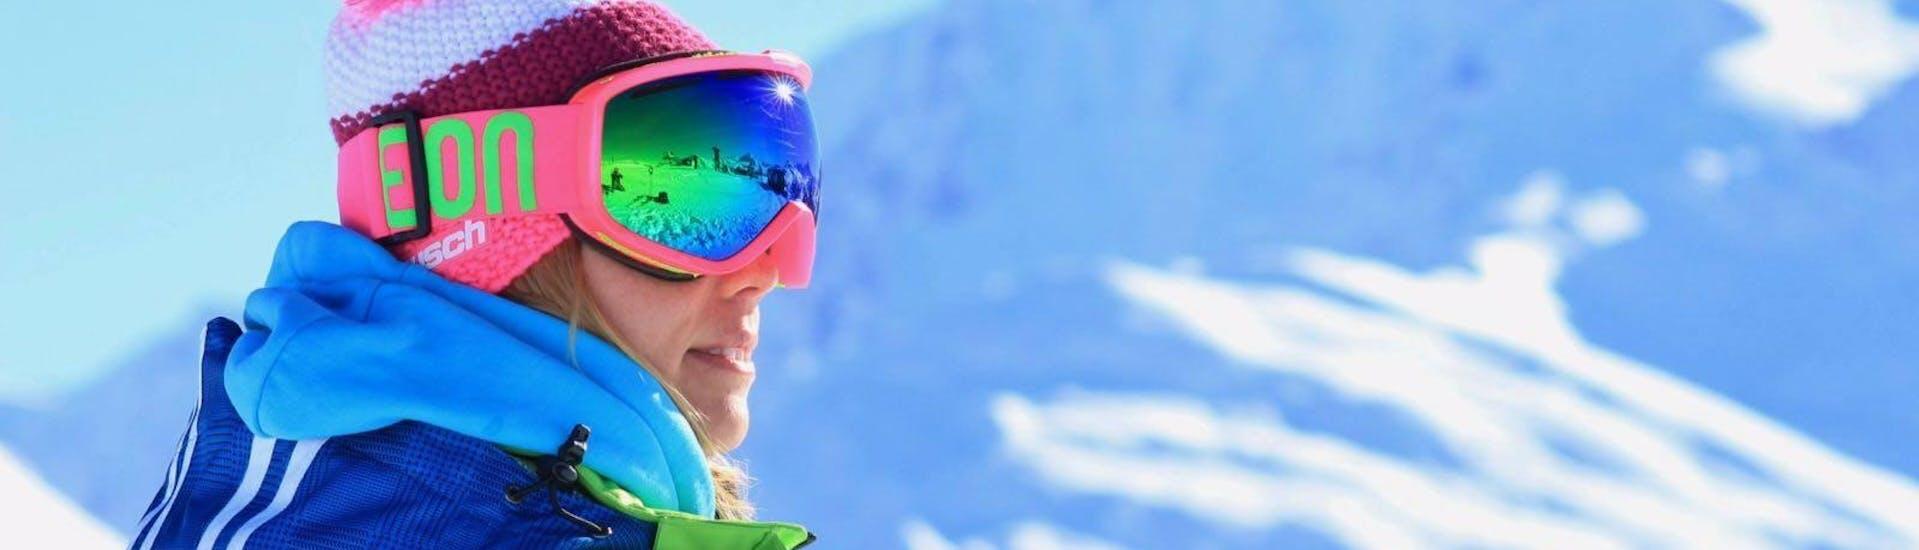 Old Snowboard Instructor Private - From 2 Participants avec Scuola di Sci Claviere - Hero image